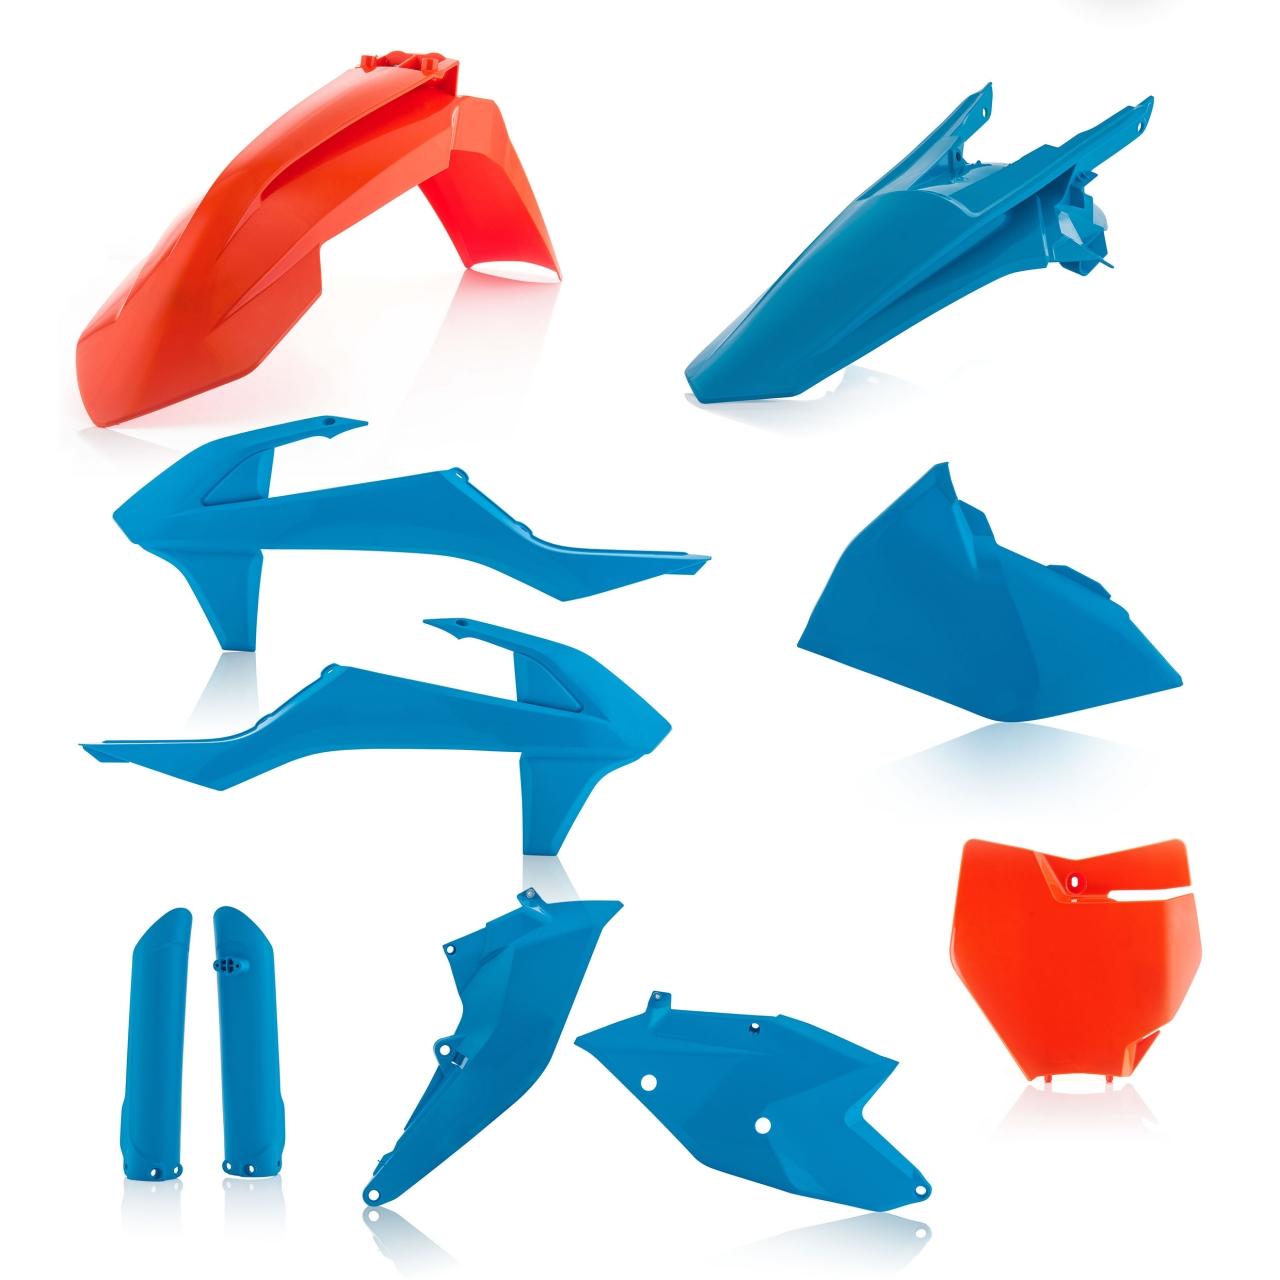 Plastikteile für deine KTM SX und SXF in den TLD-Farben als Limited Edition bzw. blau/orange. Bestehend aus Frontkotflügel, Heckkotflügel, Tankspoiler, Seitenteilen, Gabelschoner und Front-Tafel